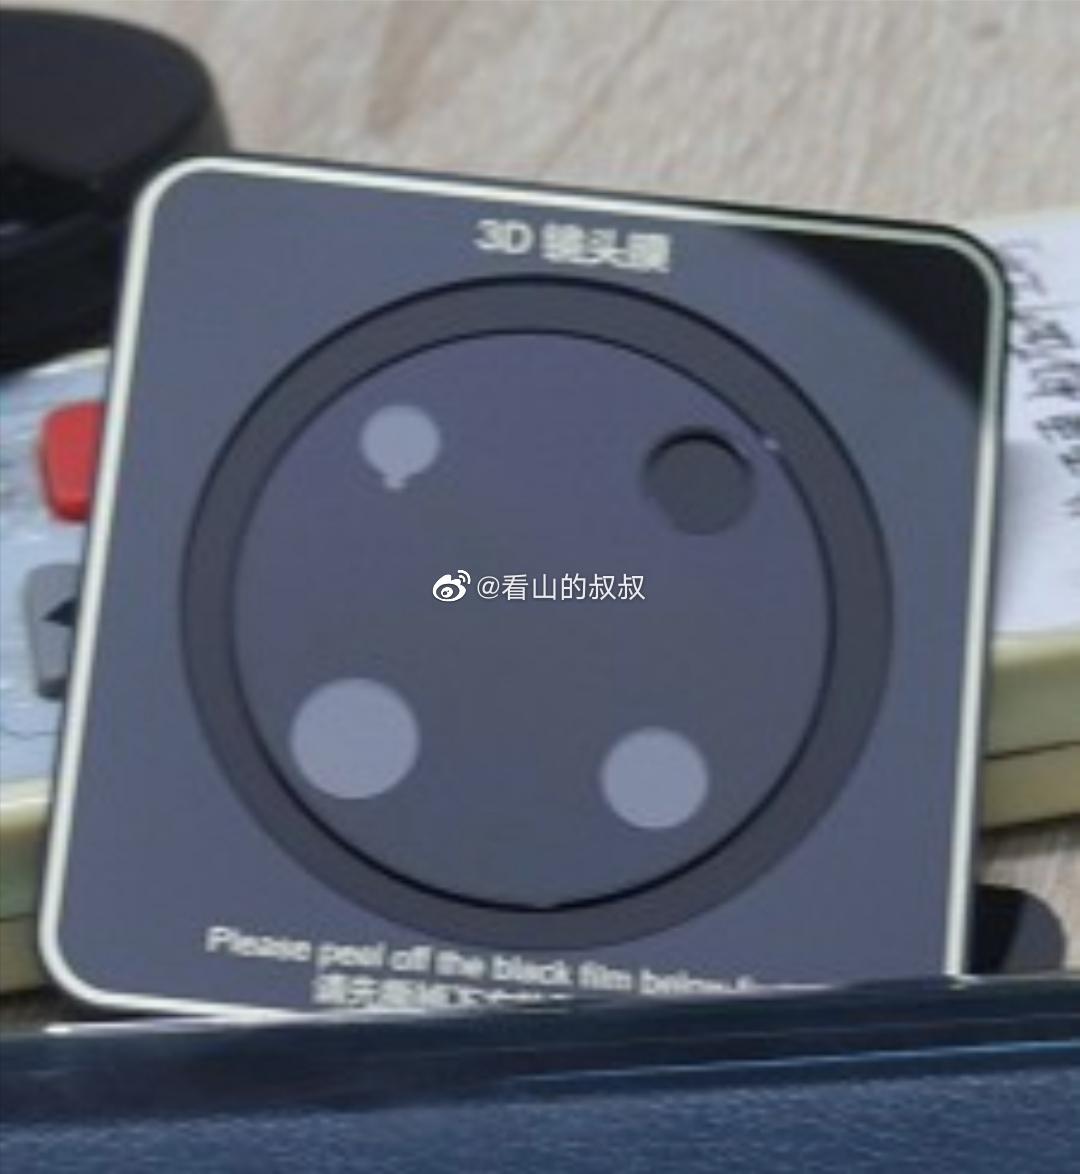 سه گوشی میت 40 مورد تایید سازمان MIIT قرار گرفتند